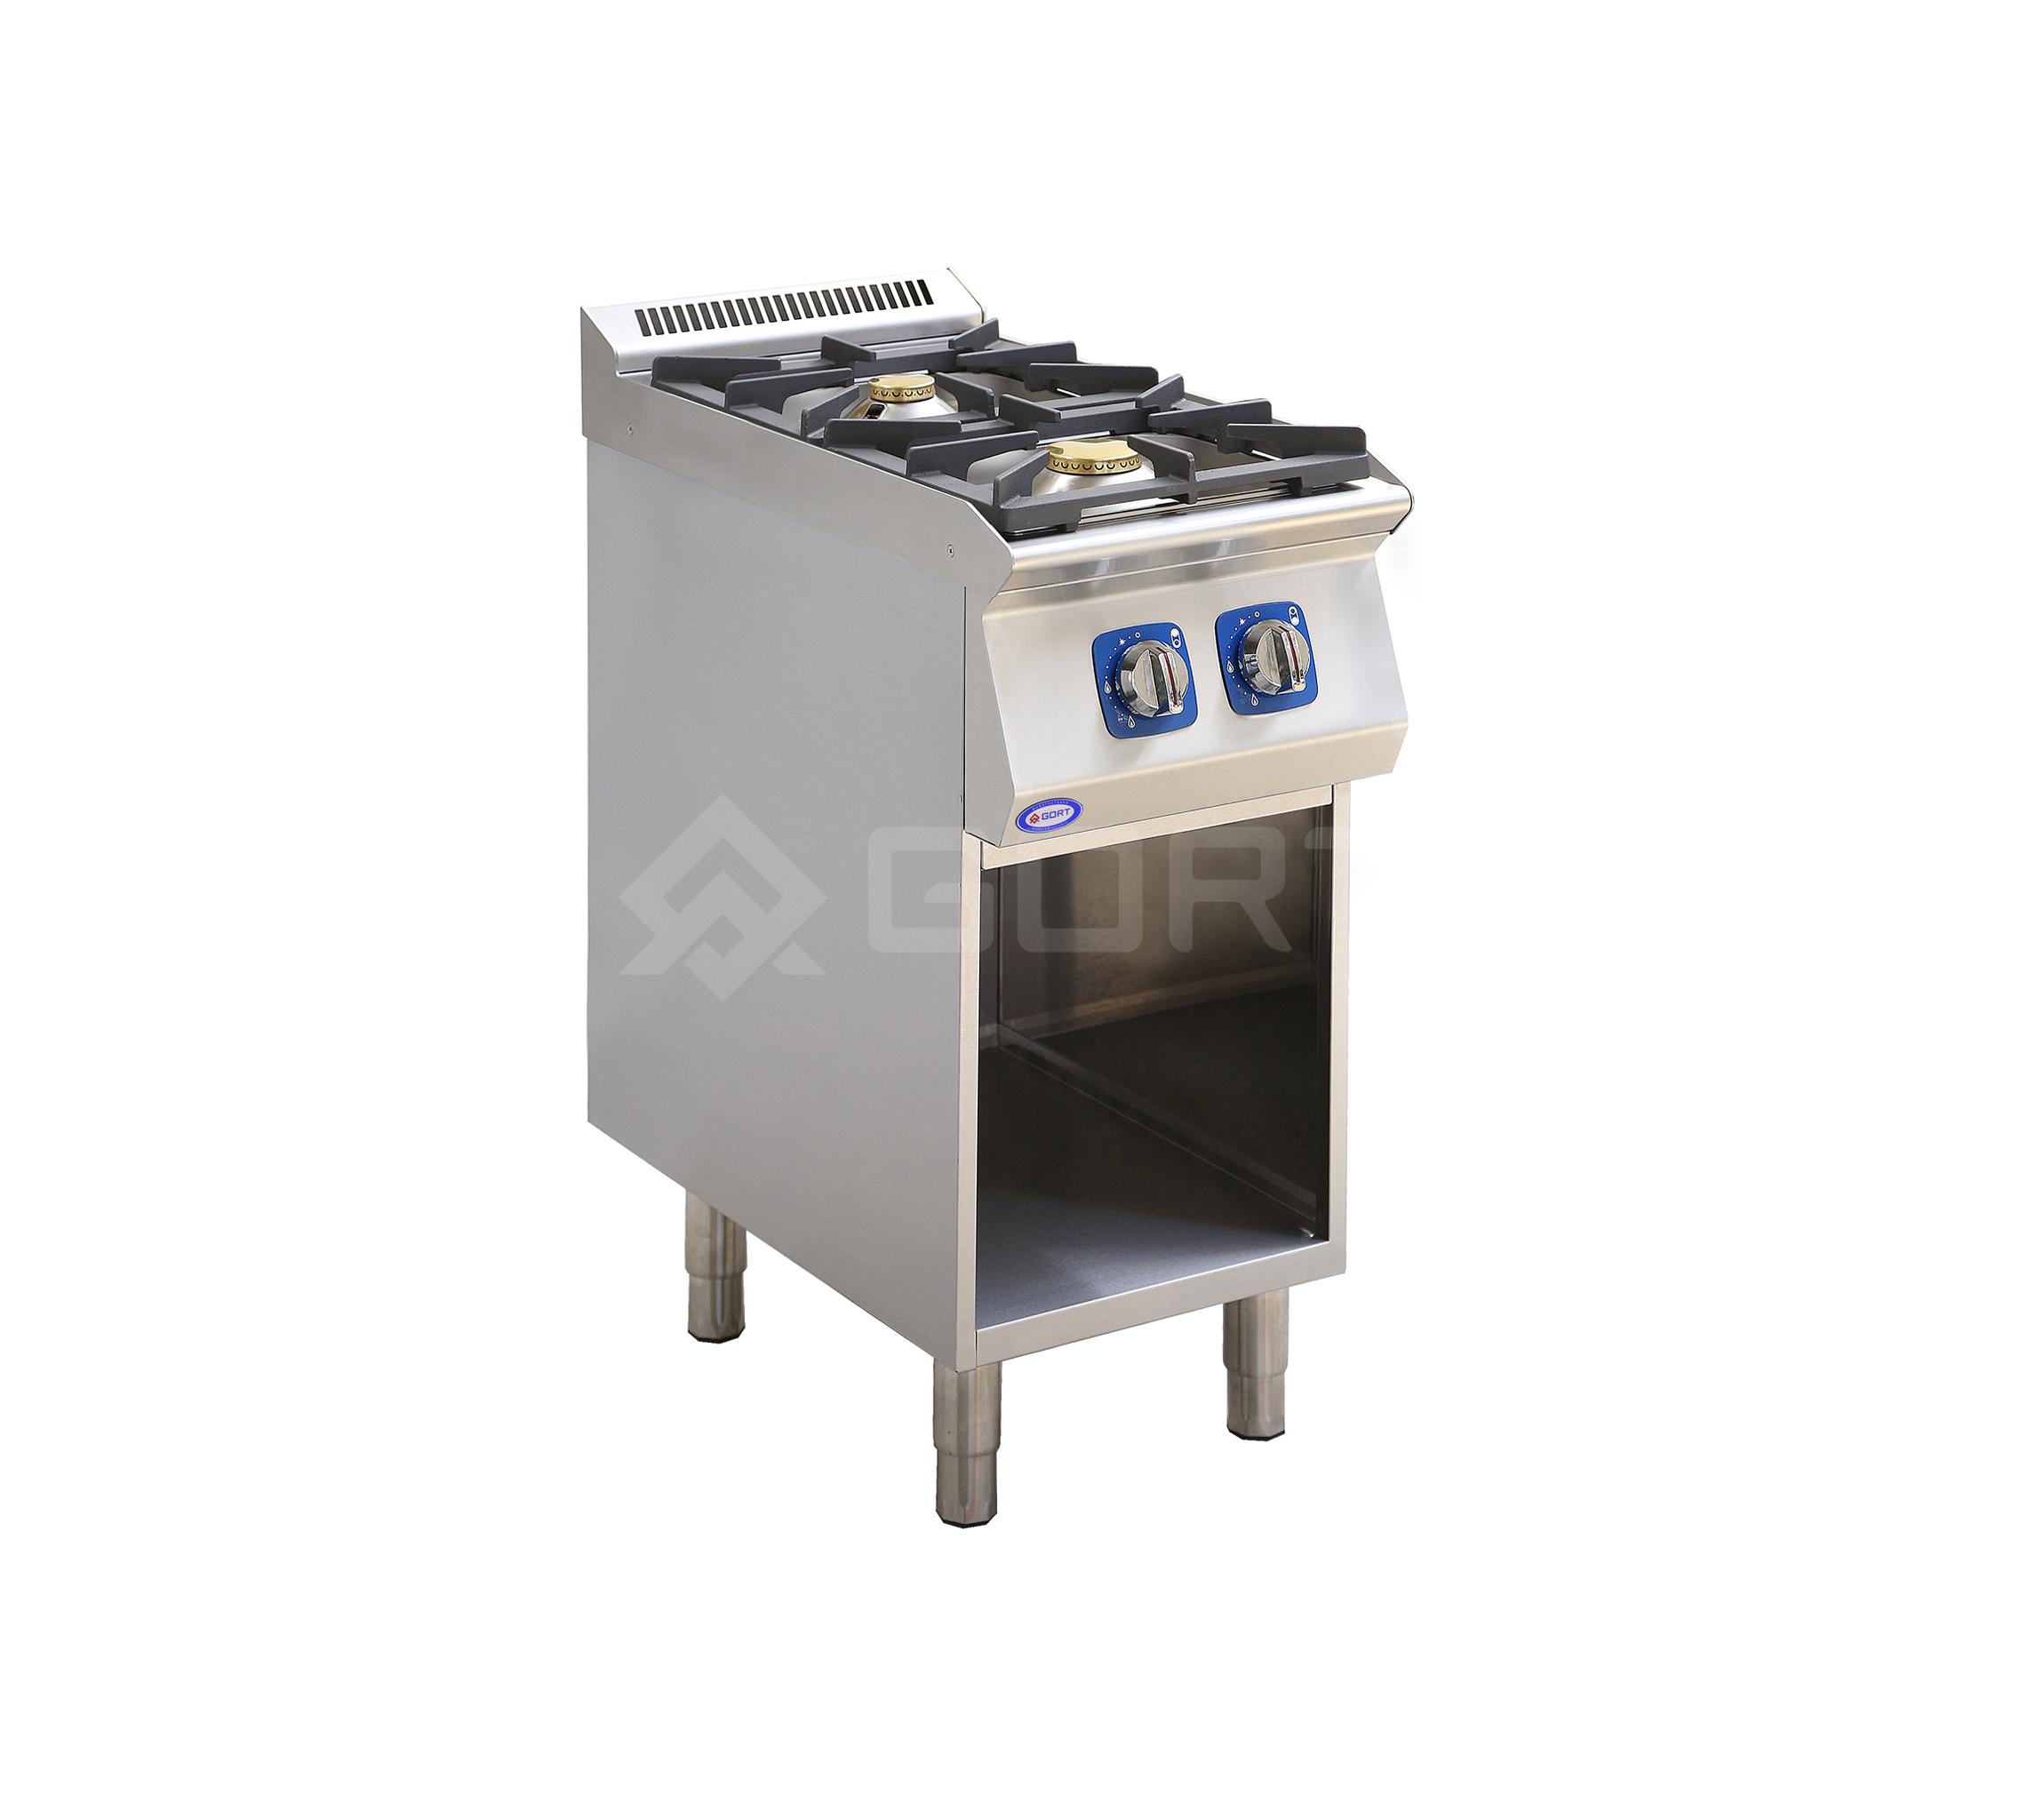 Kuchnia gazowa 2-palnikowa z szafką